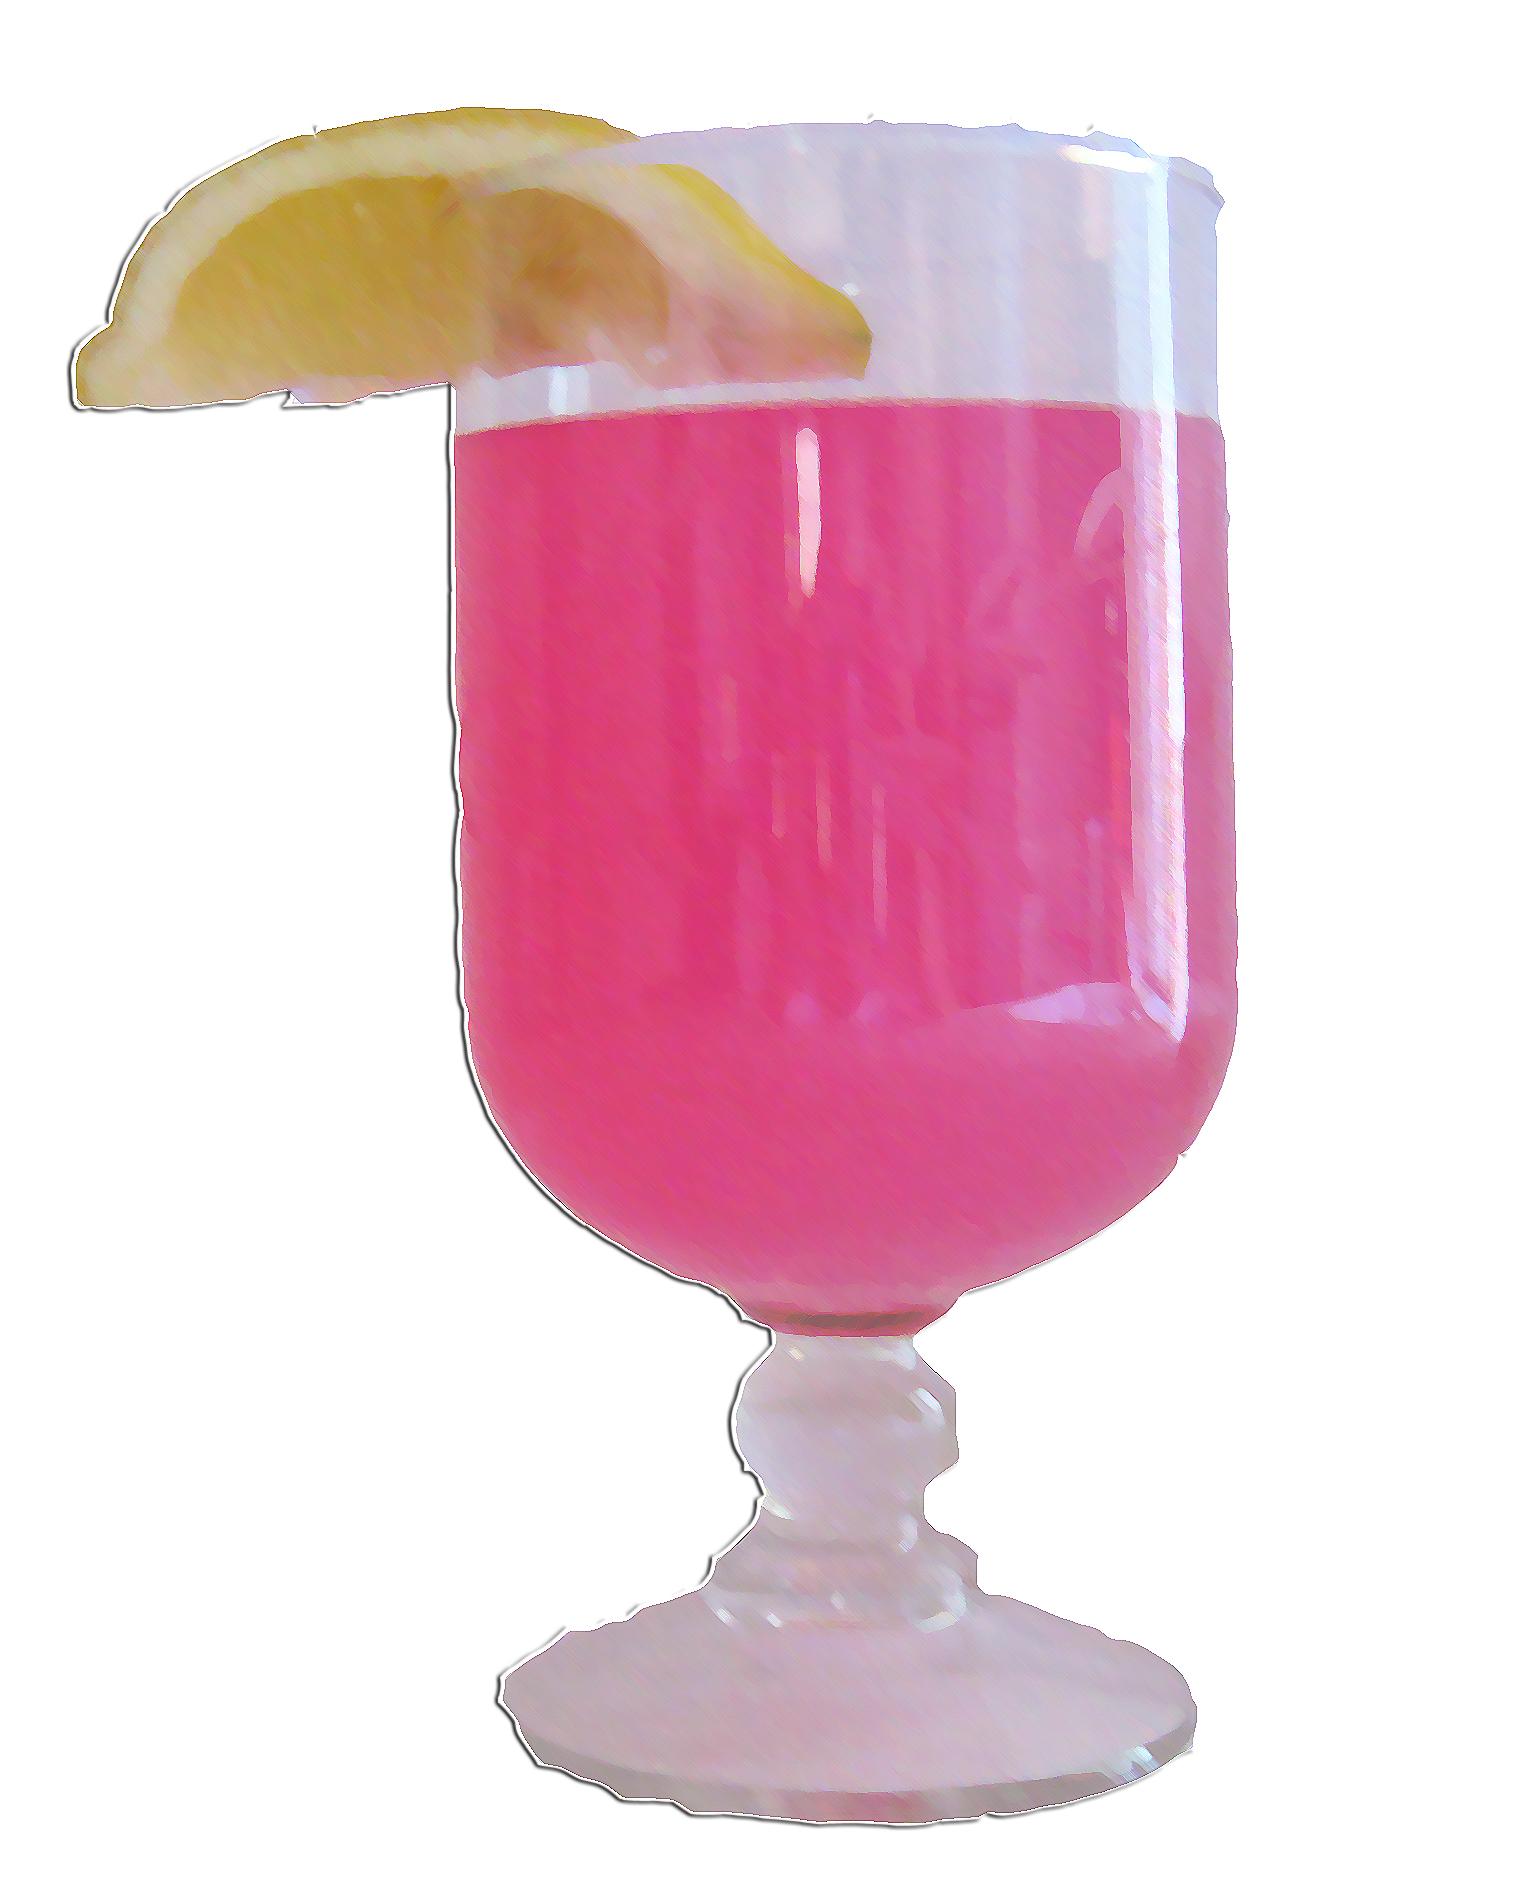 Welches Image hat Pink Lemonade? | Bewertungen, Nachrichten, Such ...